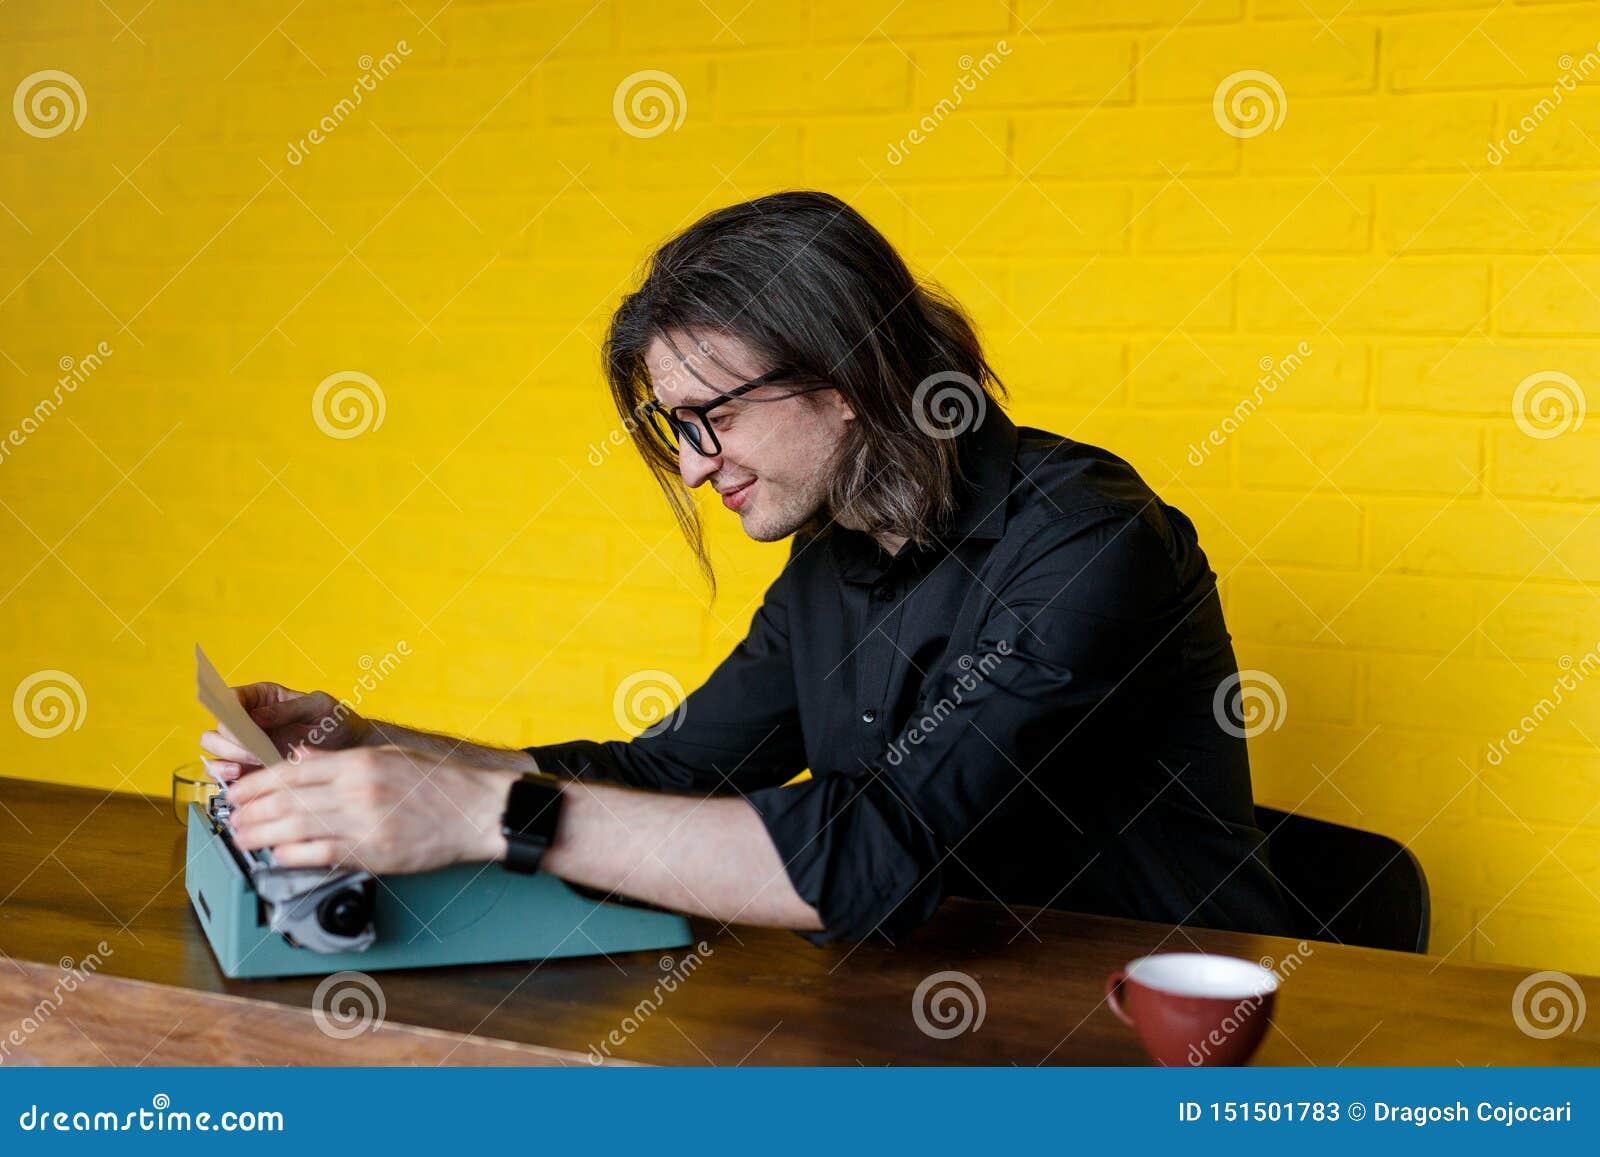 Profil d un homme d une manière amusante dans l habillement noir insérant le nouveau papier dans la machine à écrire, au-dessus d